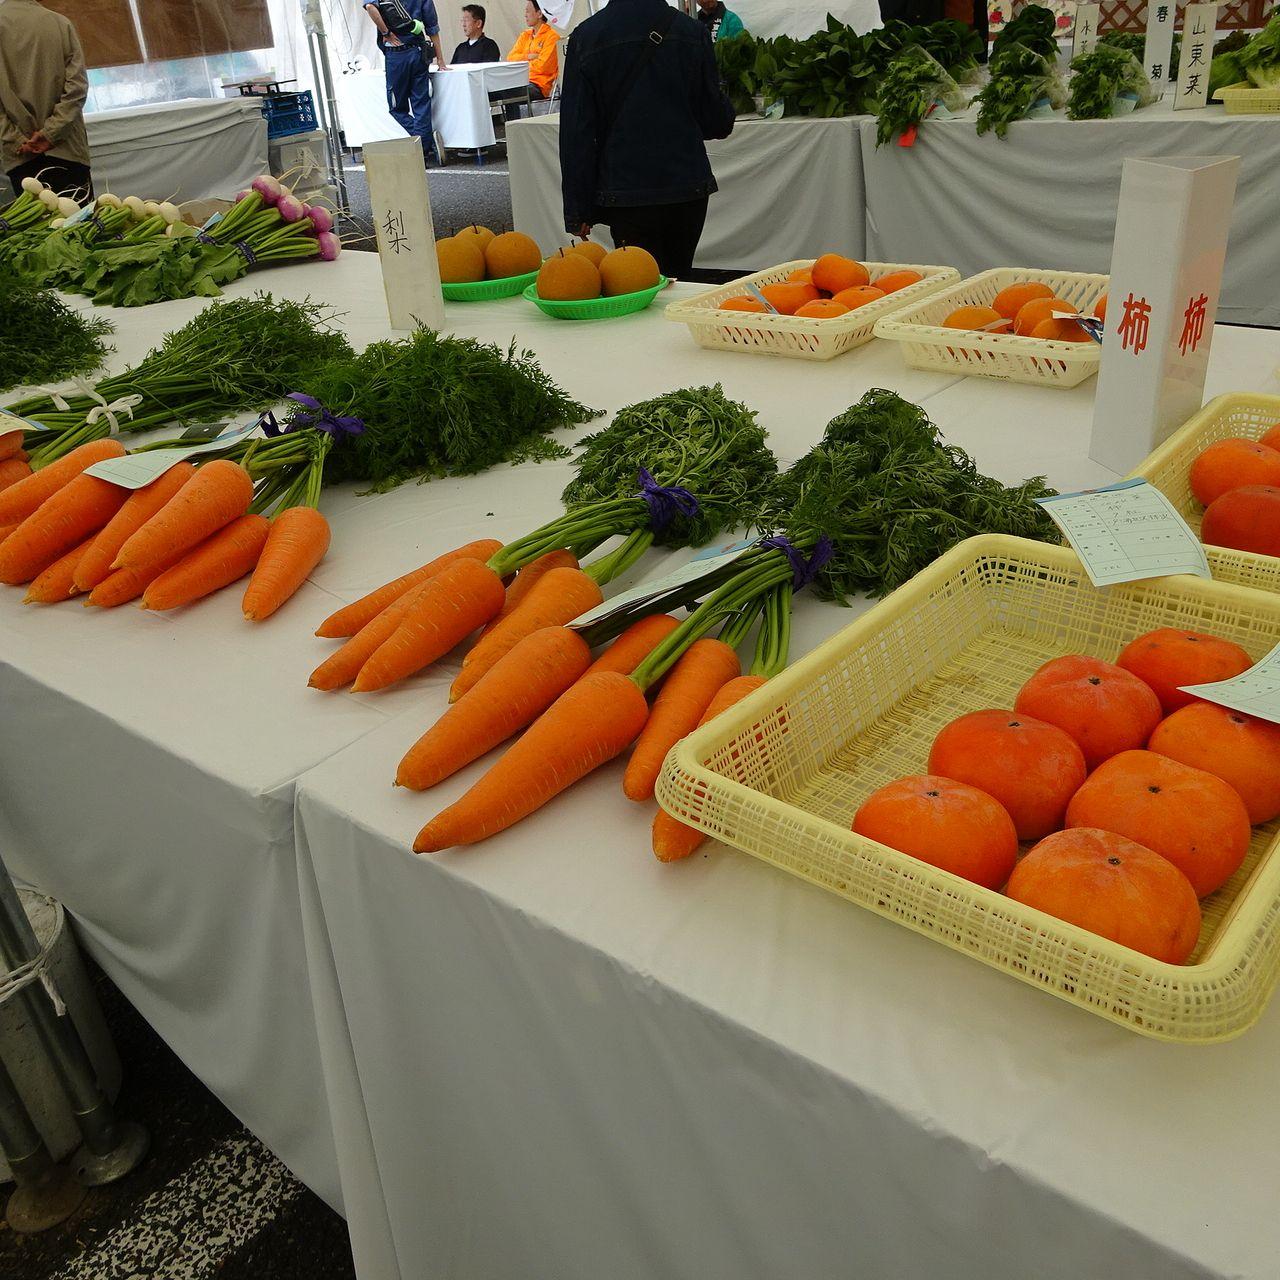 農業コーナーテント内の野菜品評会